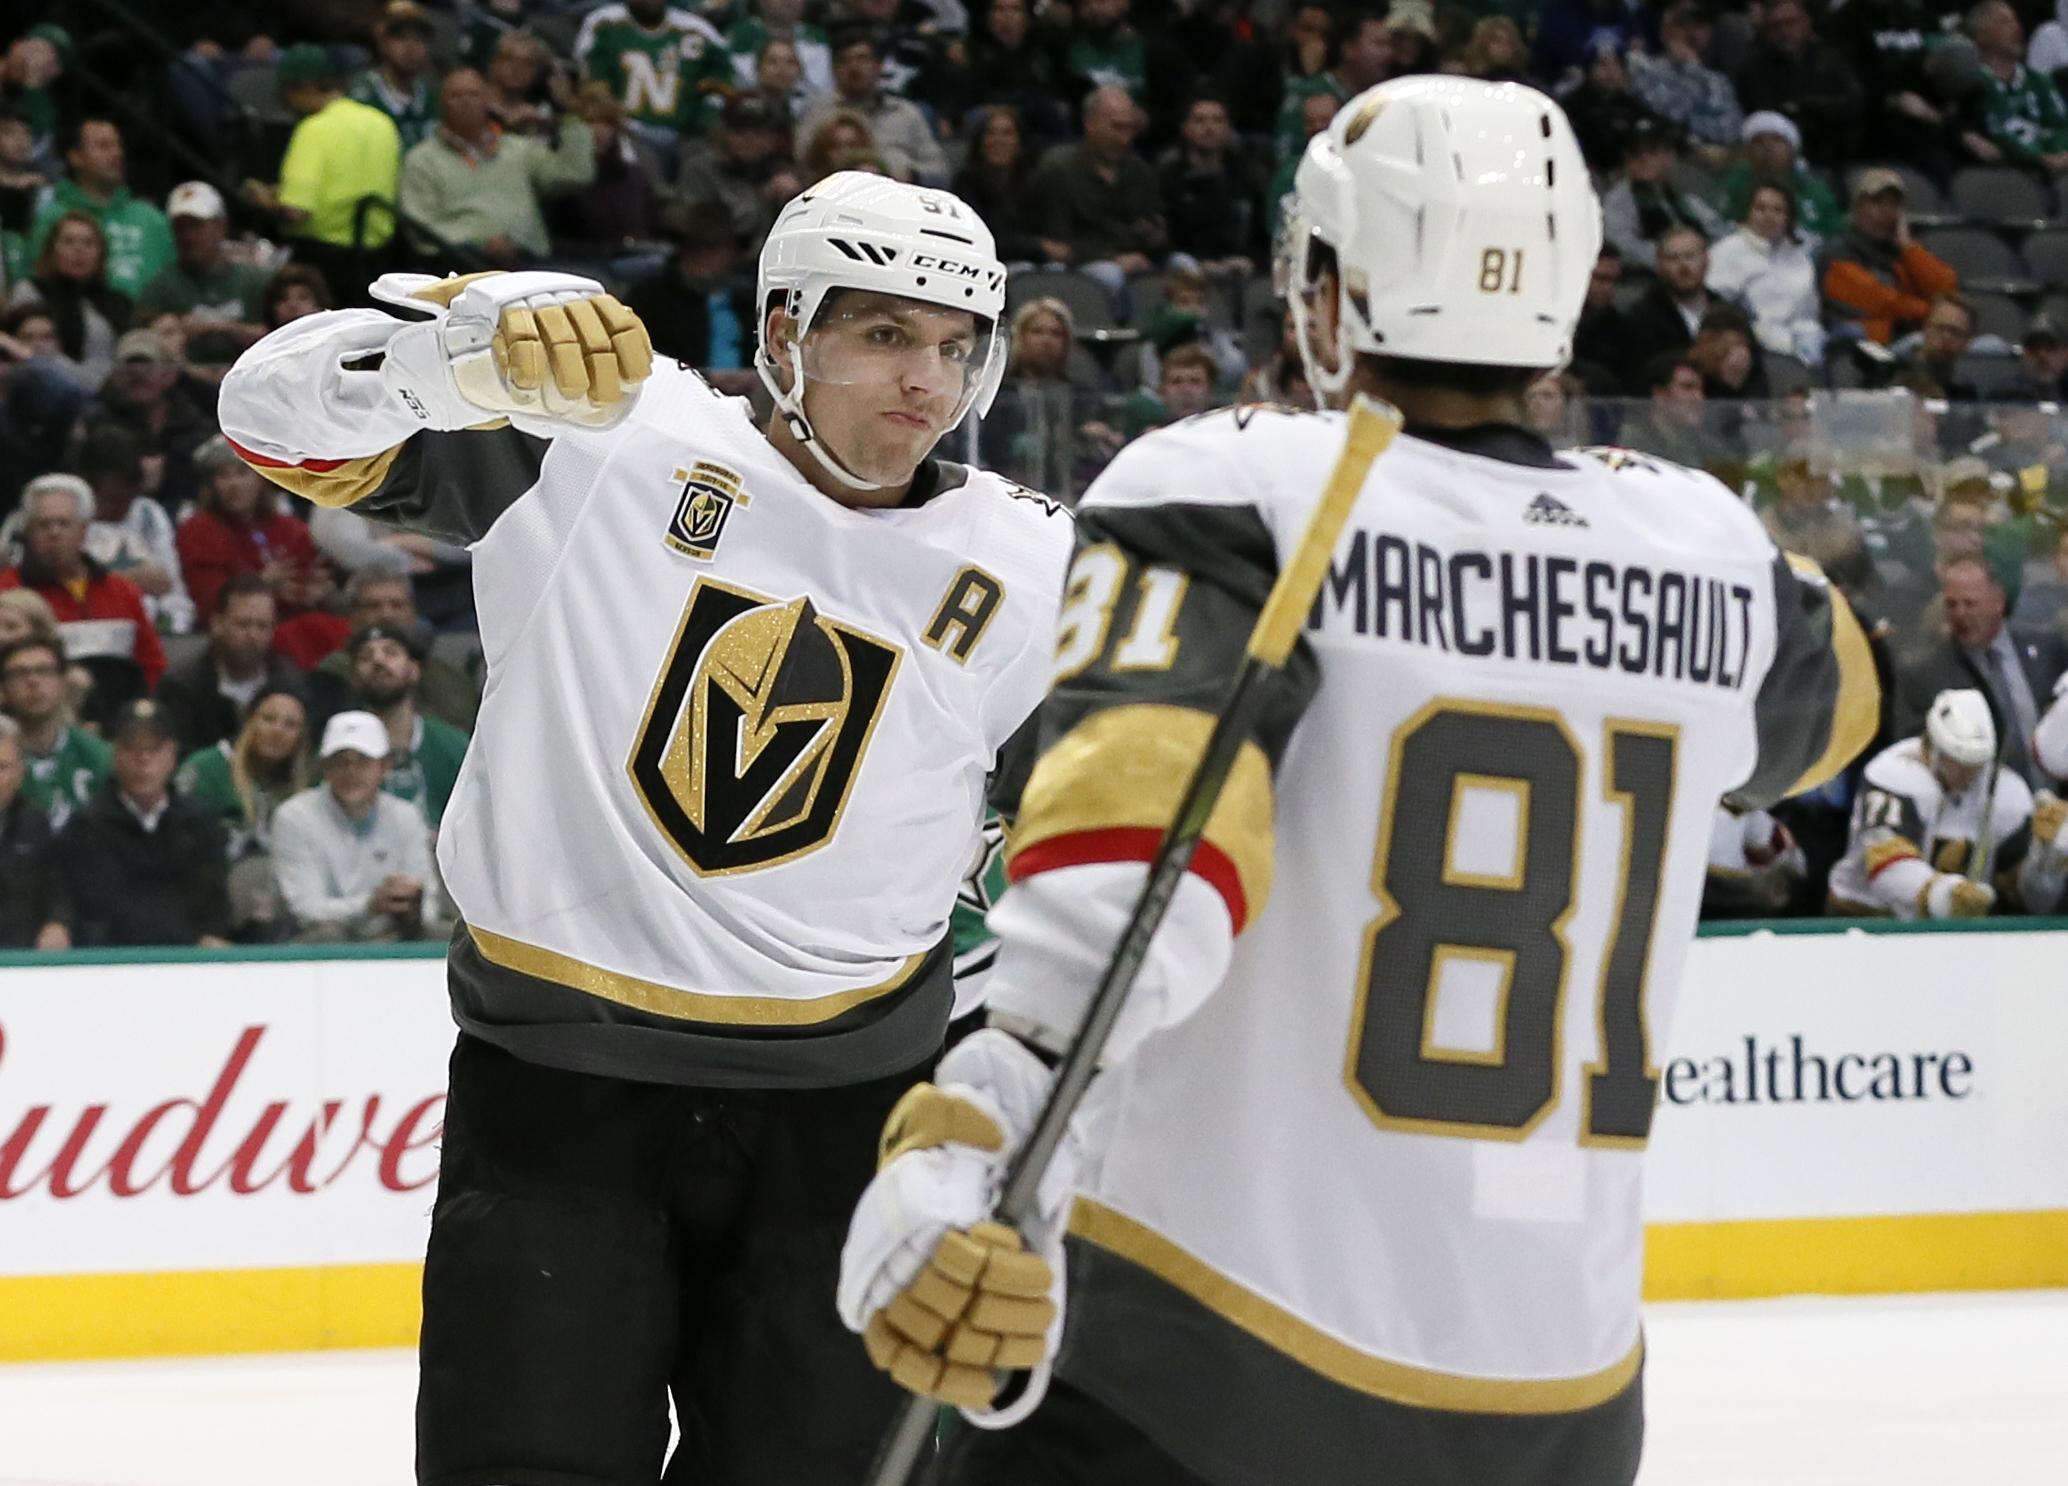 Golden_knights_stars_hockey_55176